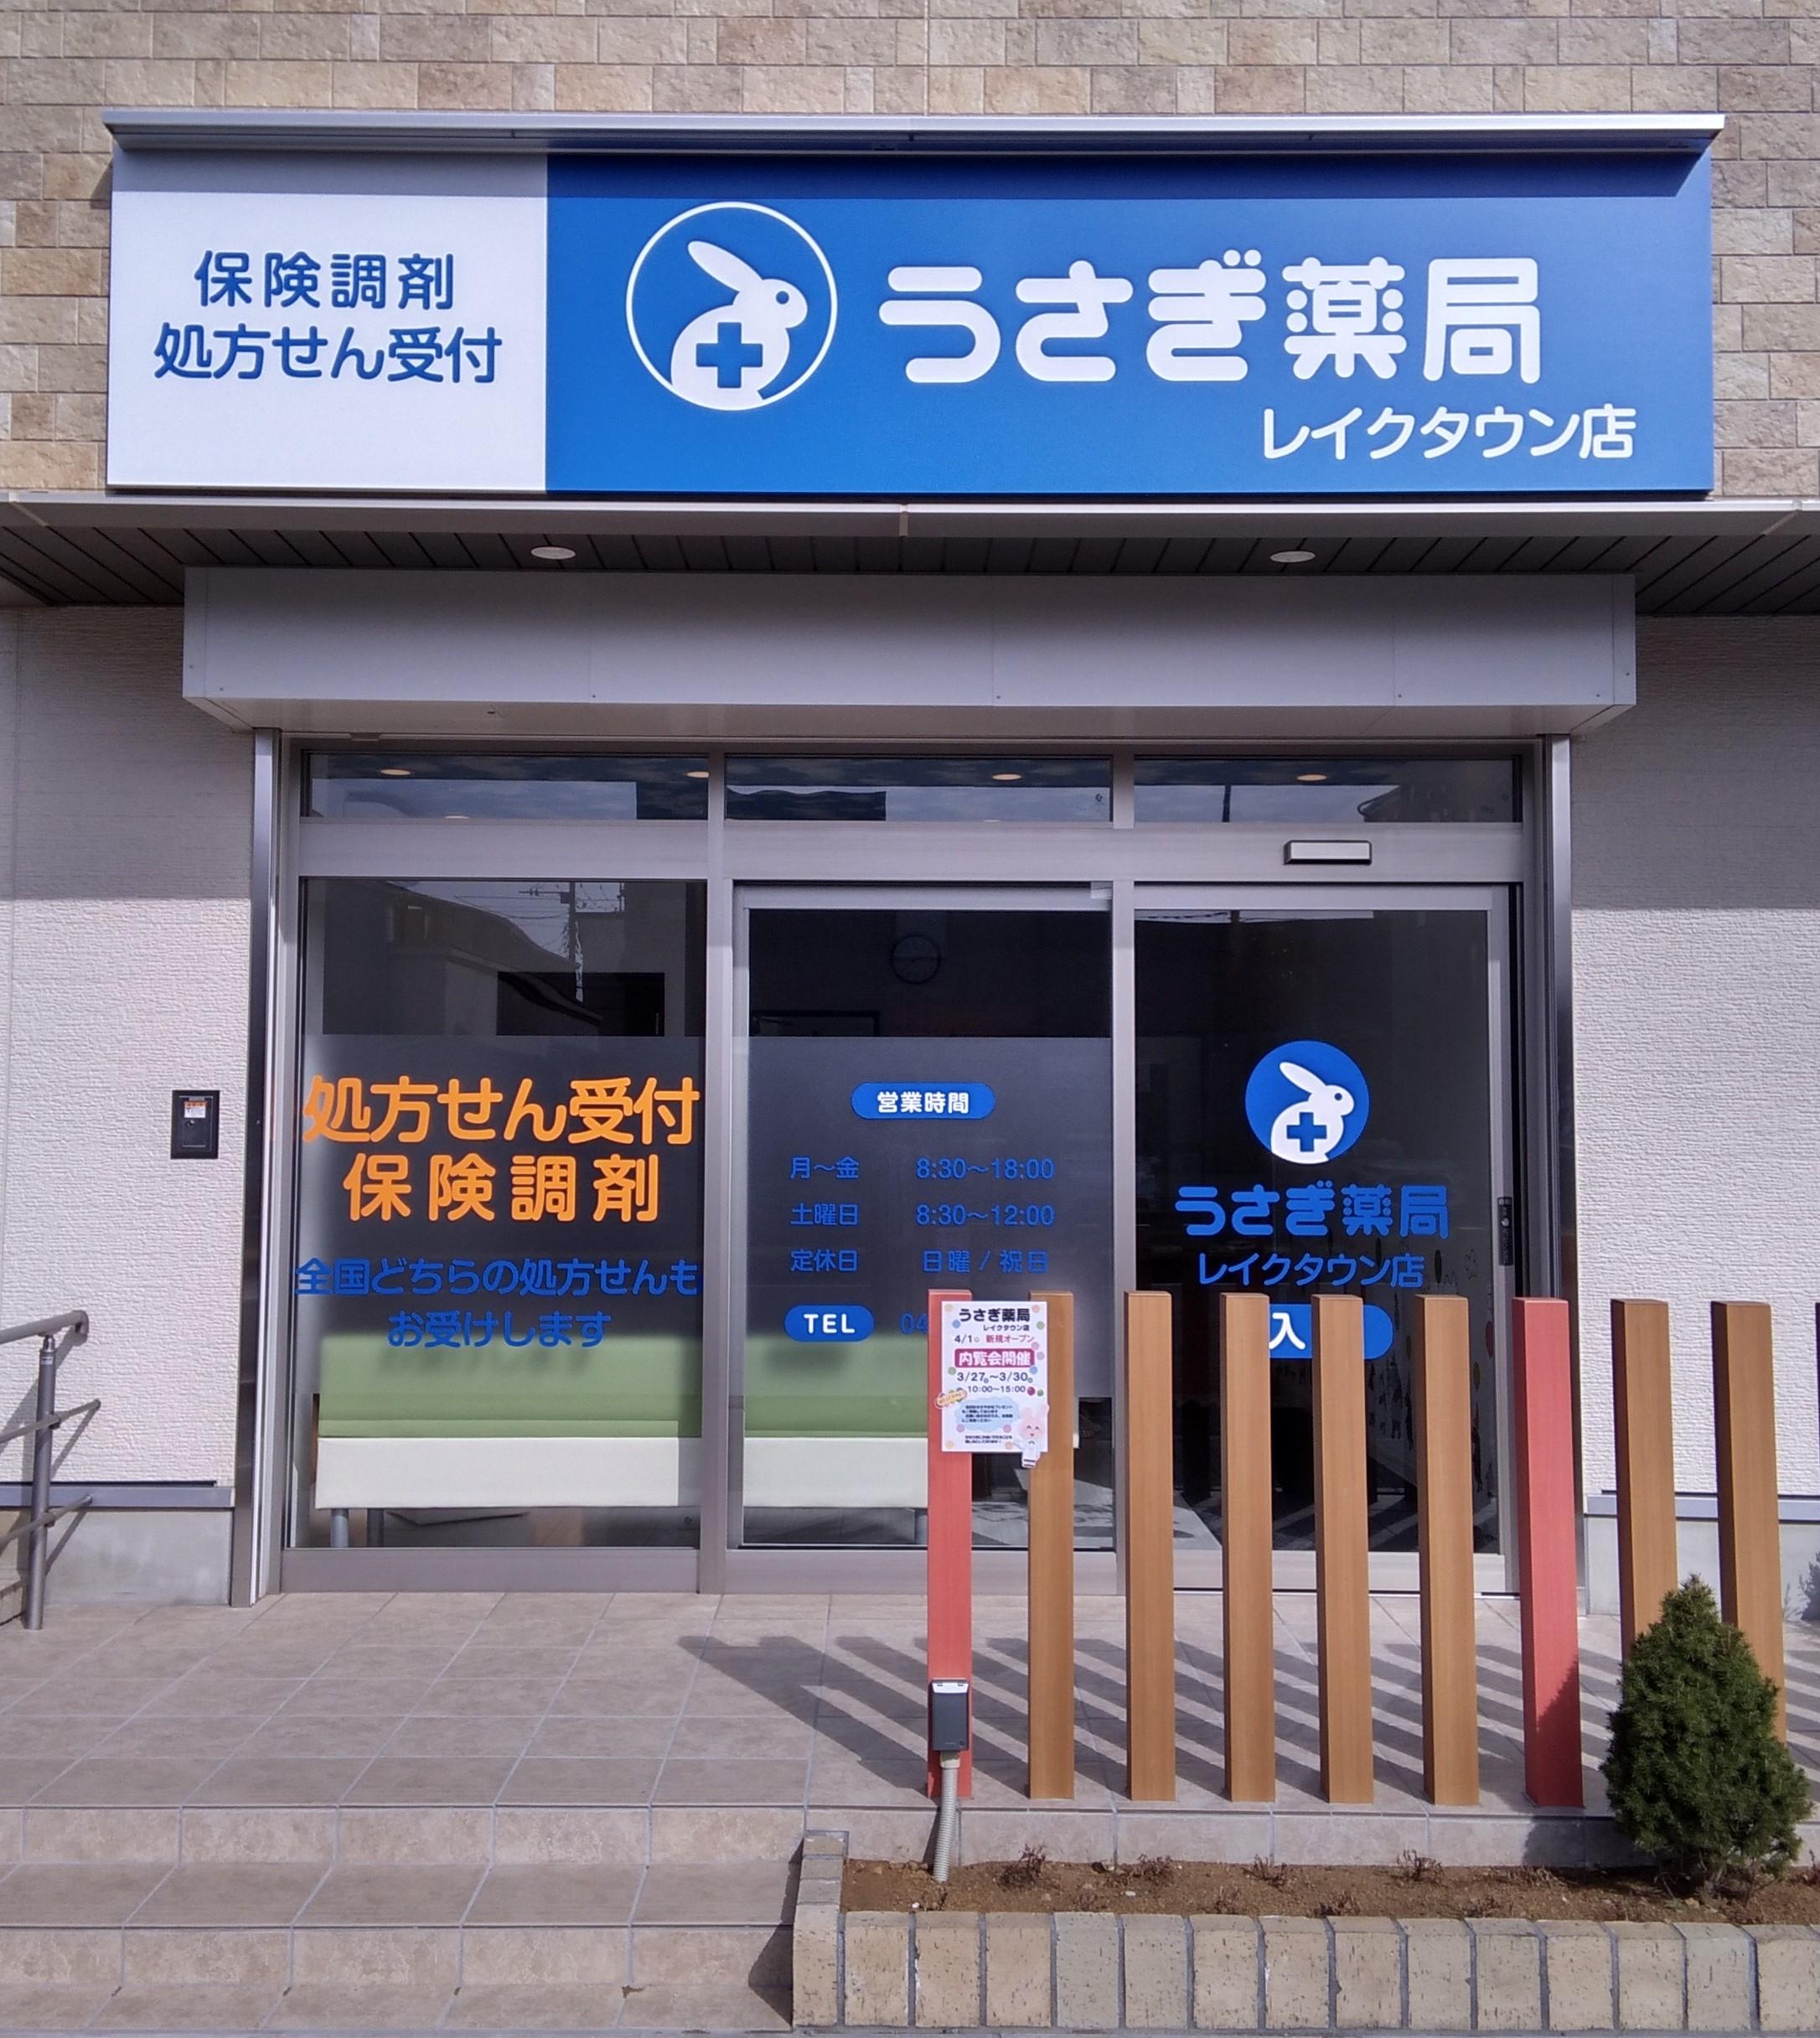 ☆うさぎ薬局 レイクタウン店☆ 内覧会のお知らせ